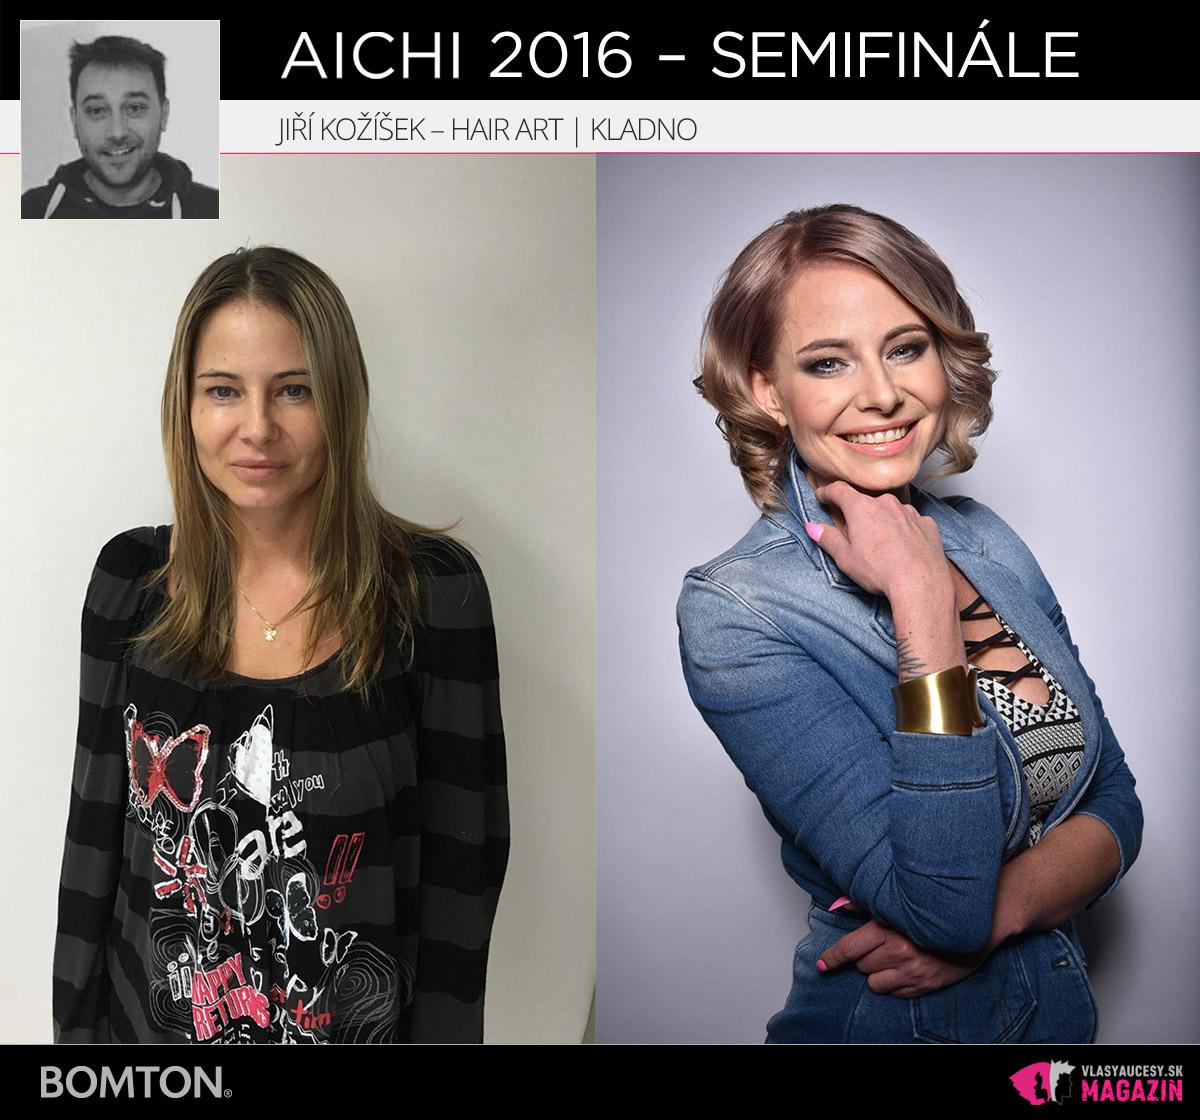 Jiří Kožíšek – Hair Art, Kladno | Premeny AICHI 2016 – postupujúci do semifinálového kola